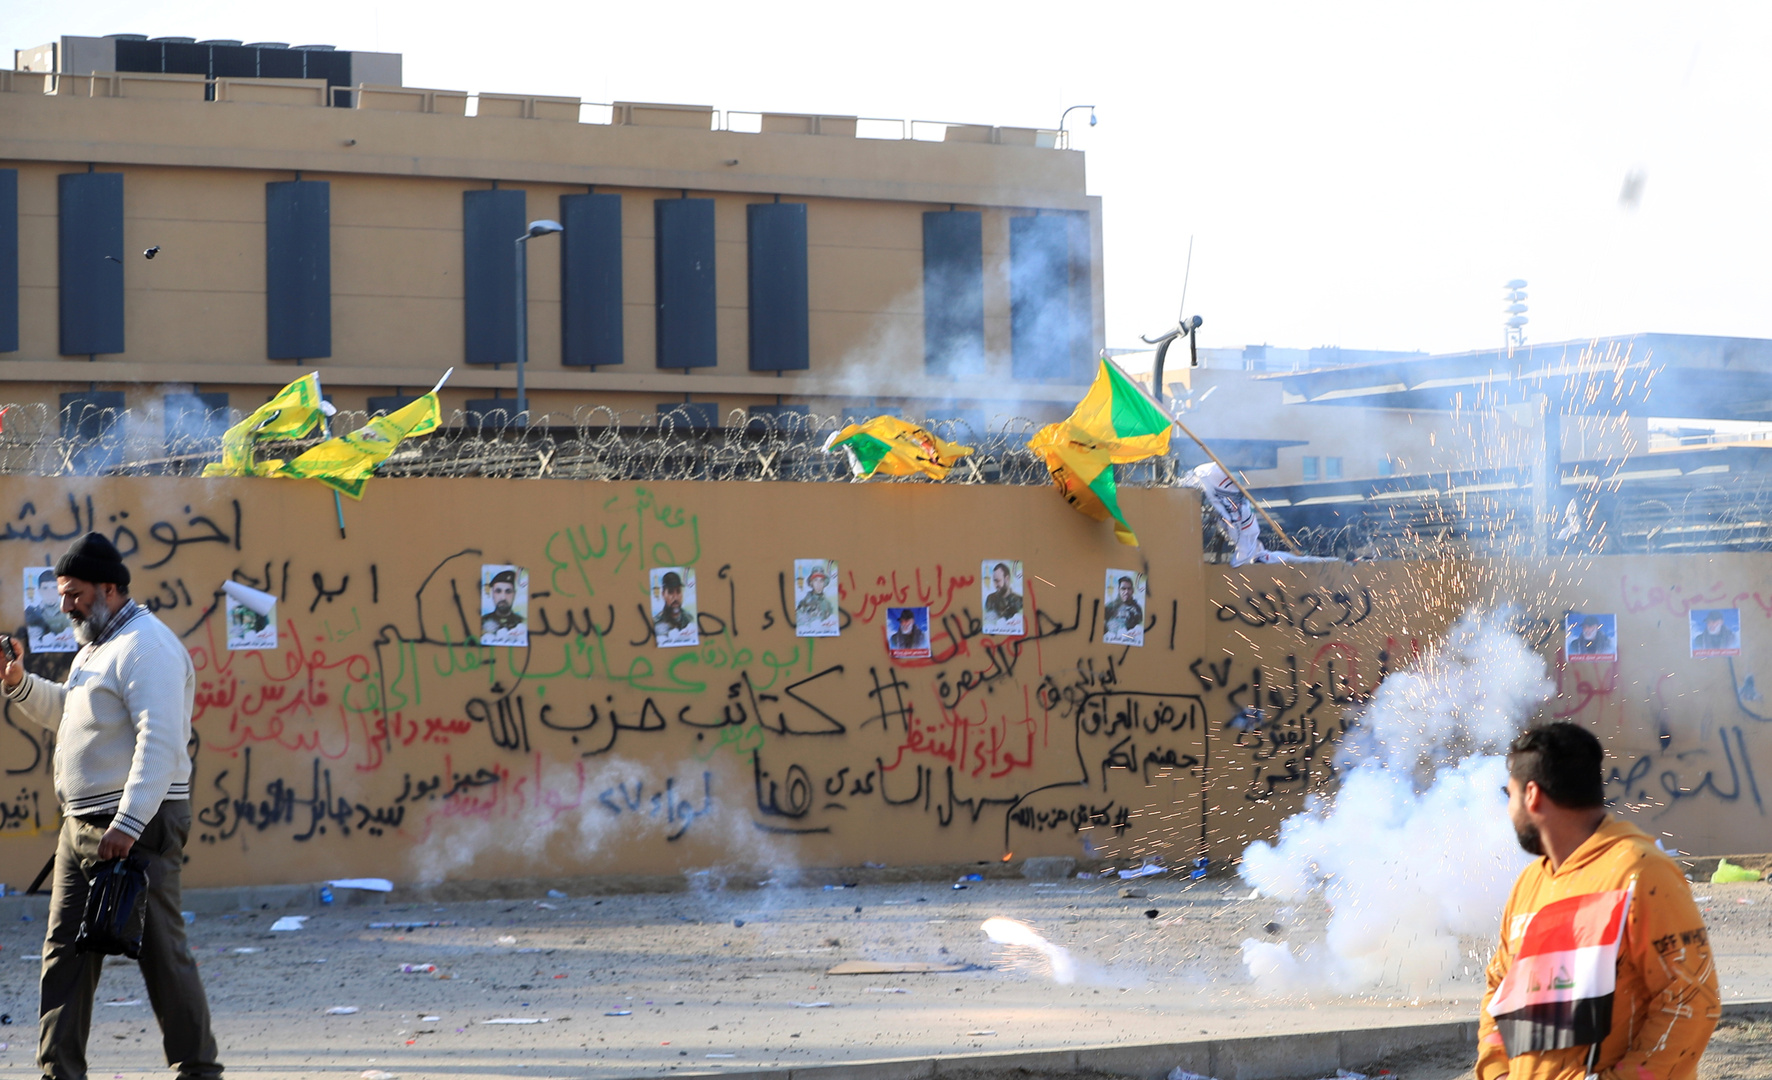 واشنطن تنشر صورا لإجراءات أمنية مشددة في سفارتها ببغداد